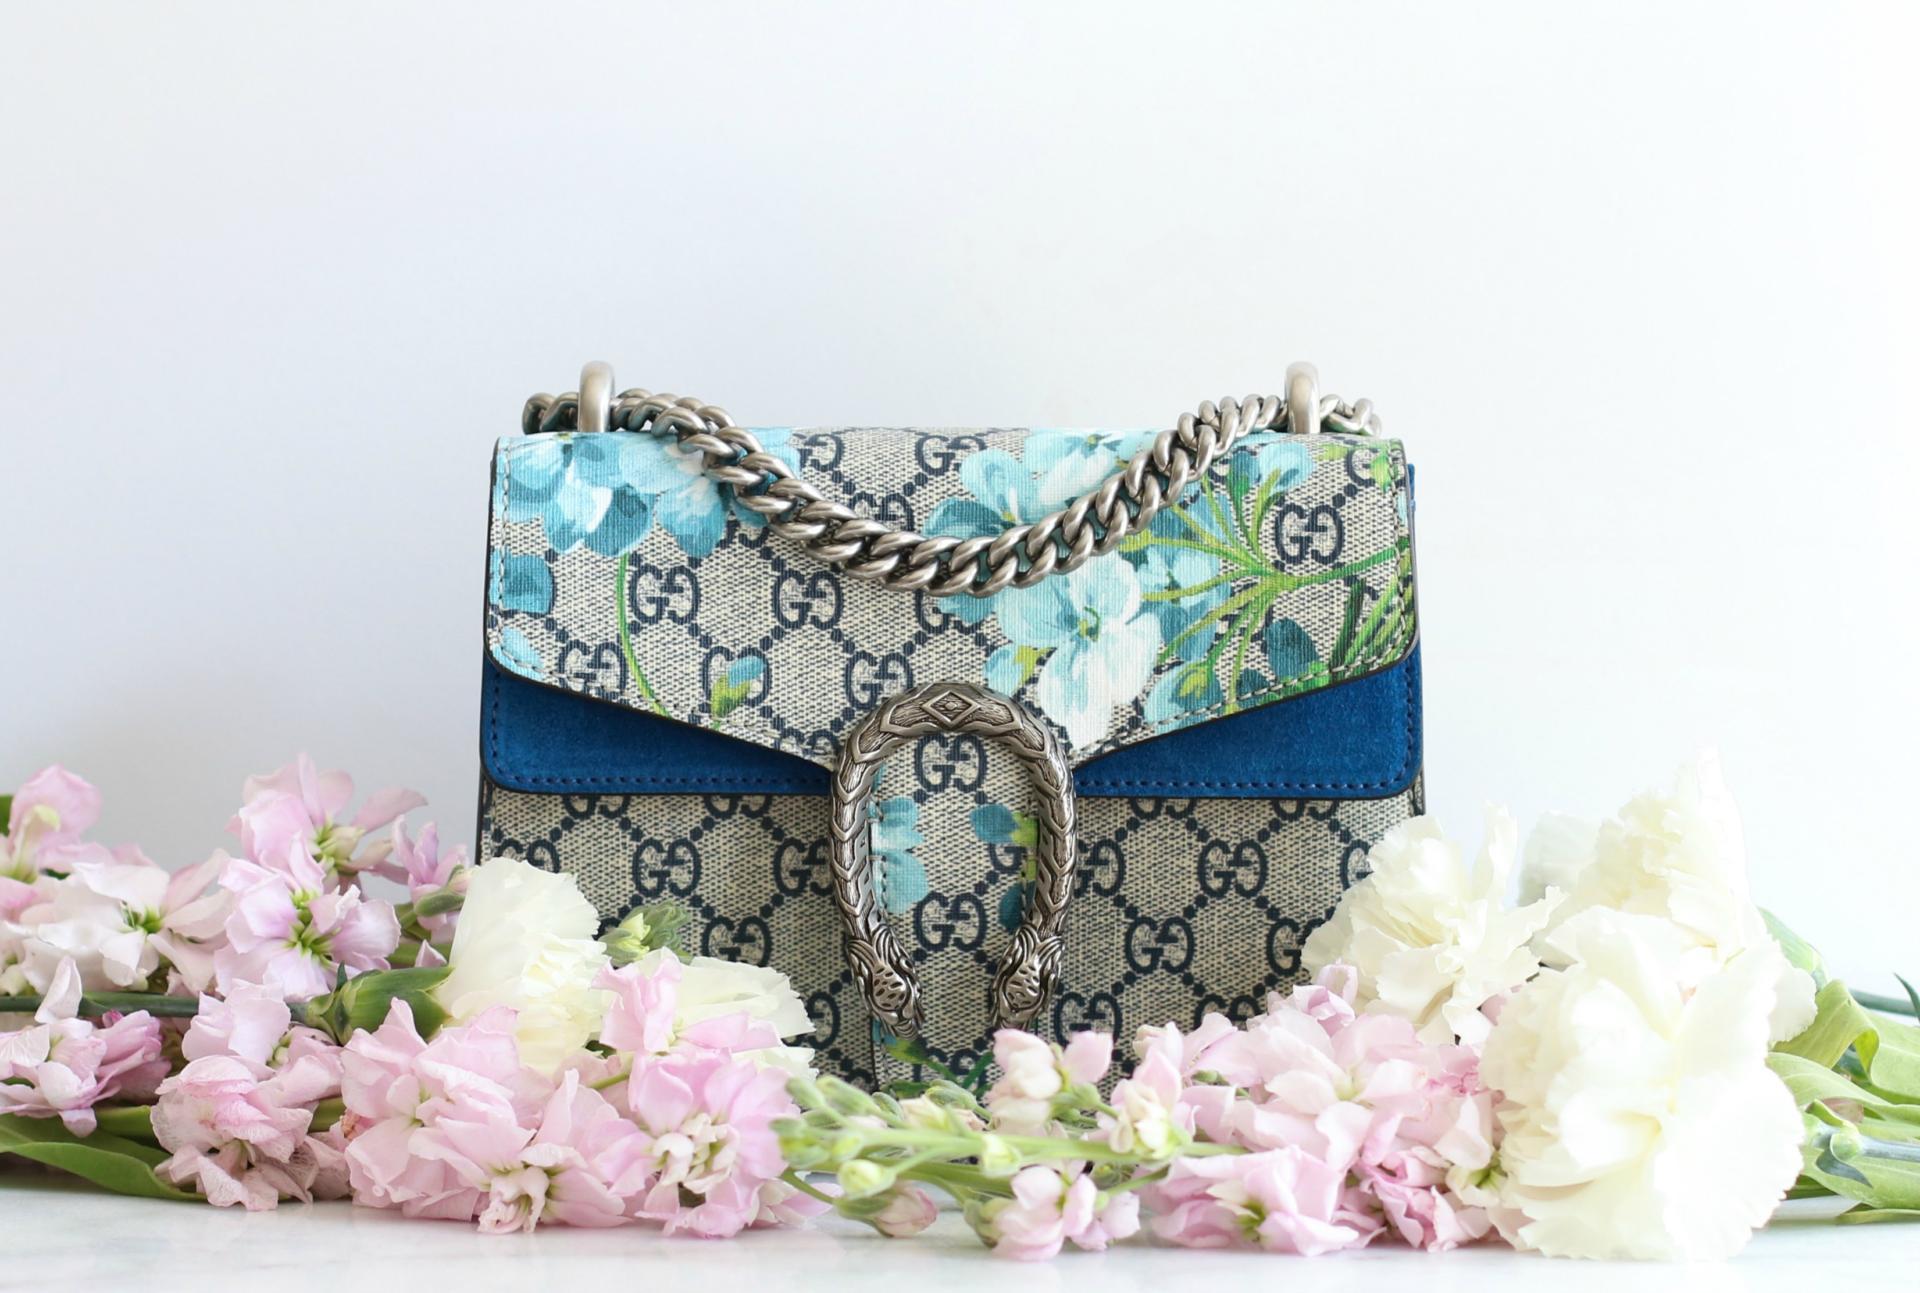 Gucci Dionysus GG Mini Blooms Bag